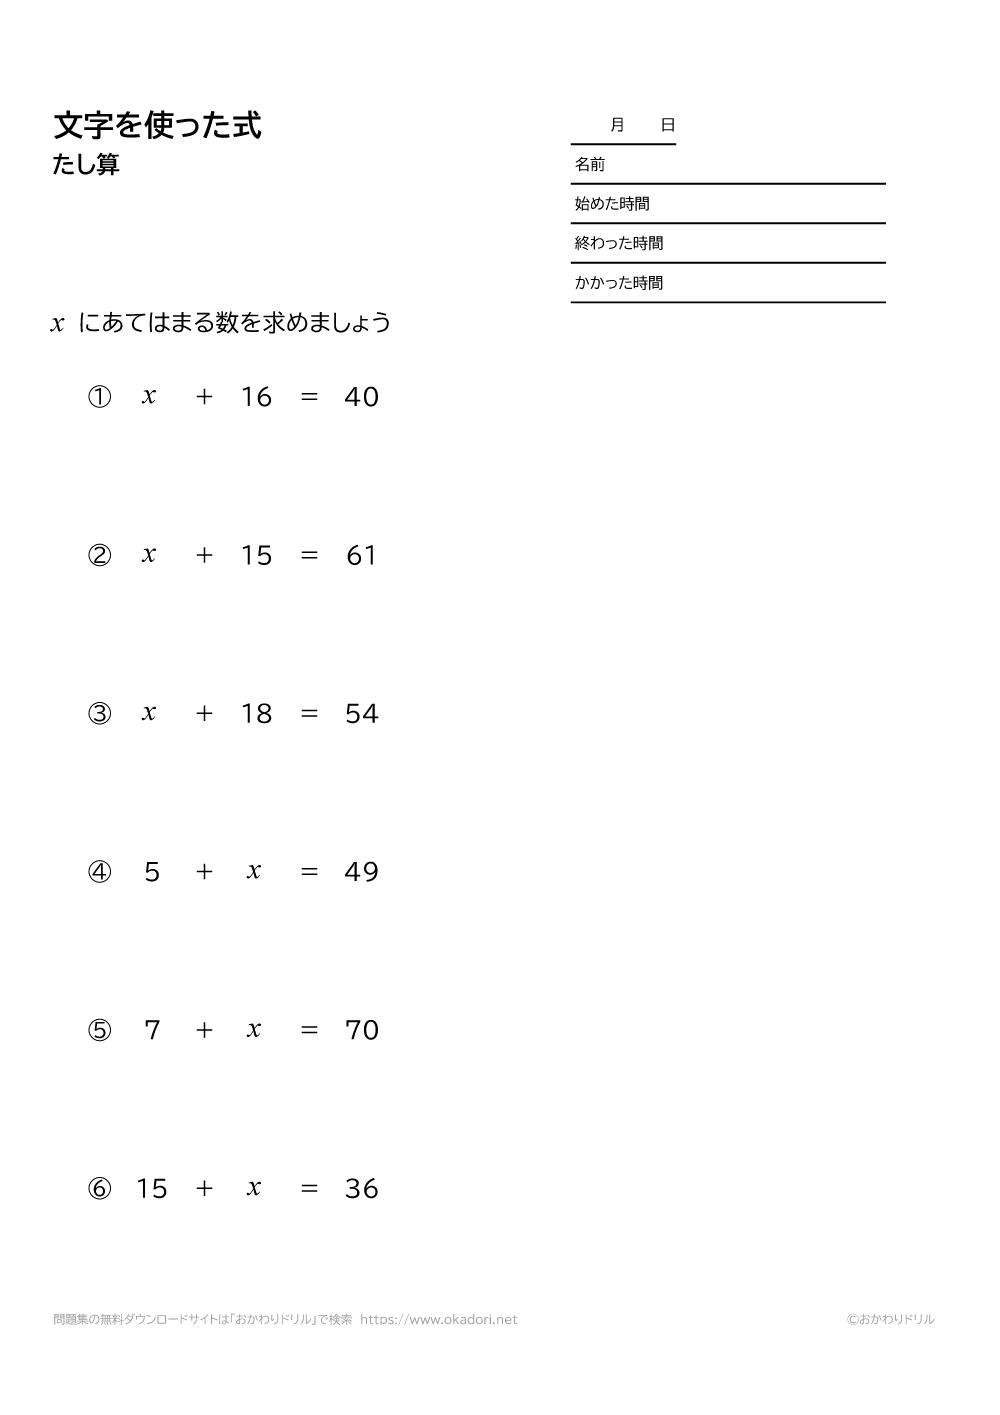 文字を使った式の足し算4